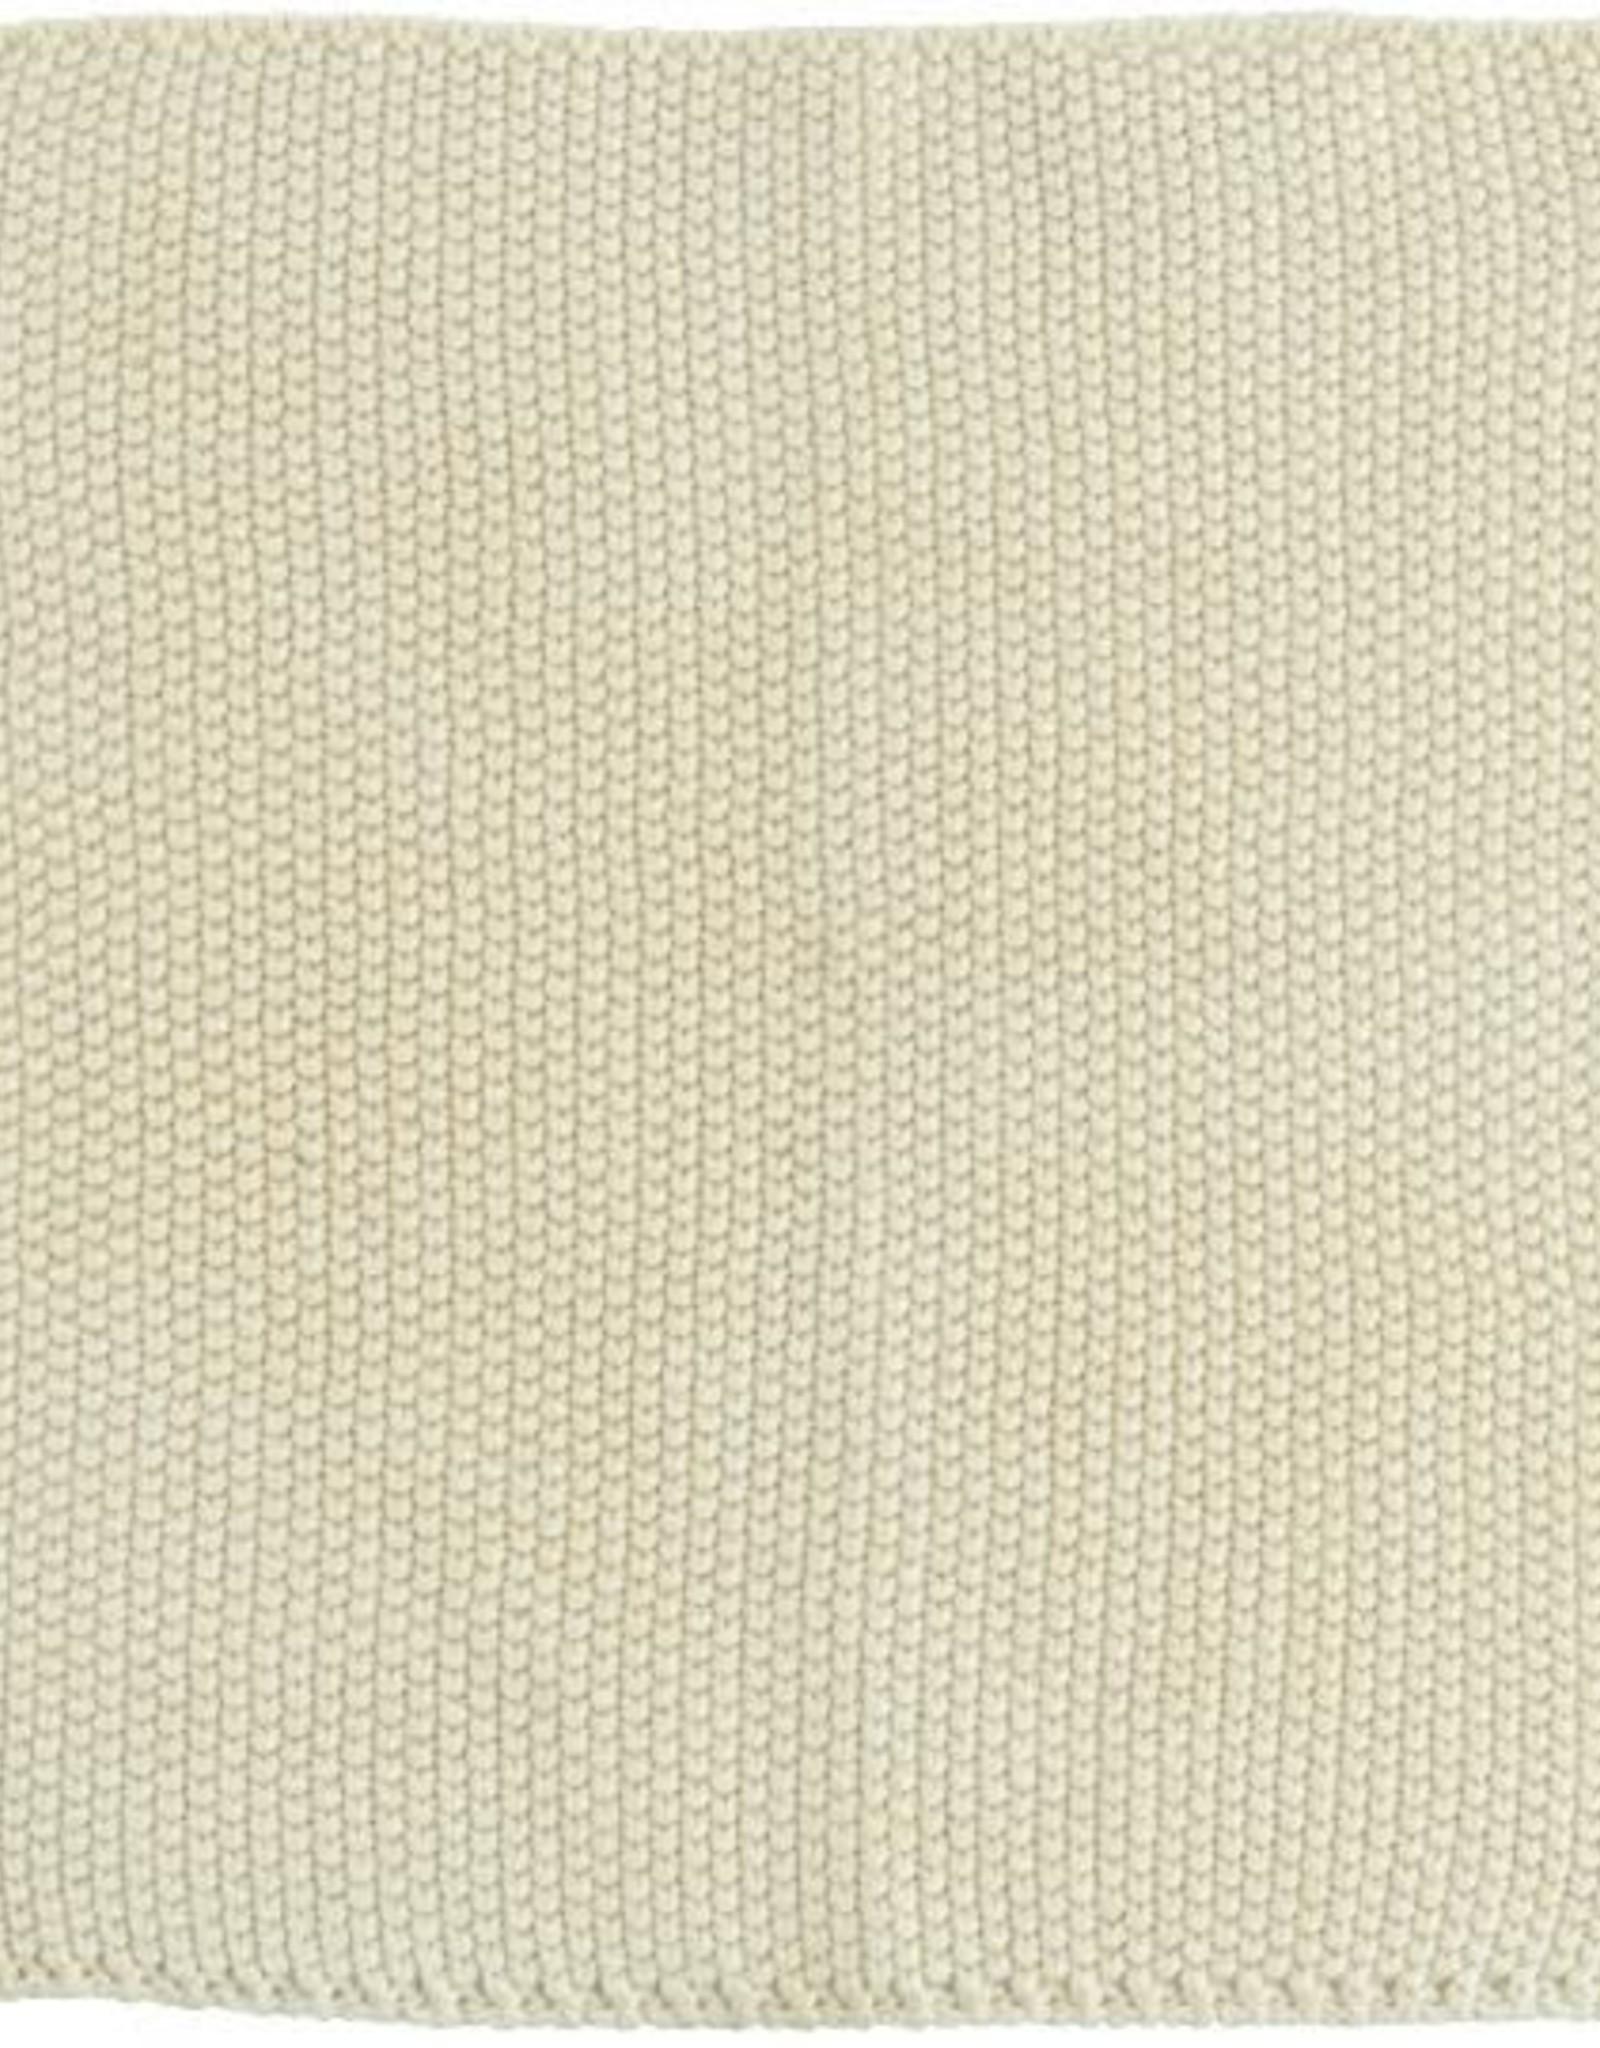 IBLaursen Copy of Vaatdoek - beige